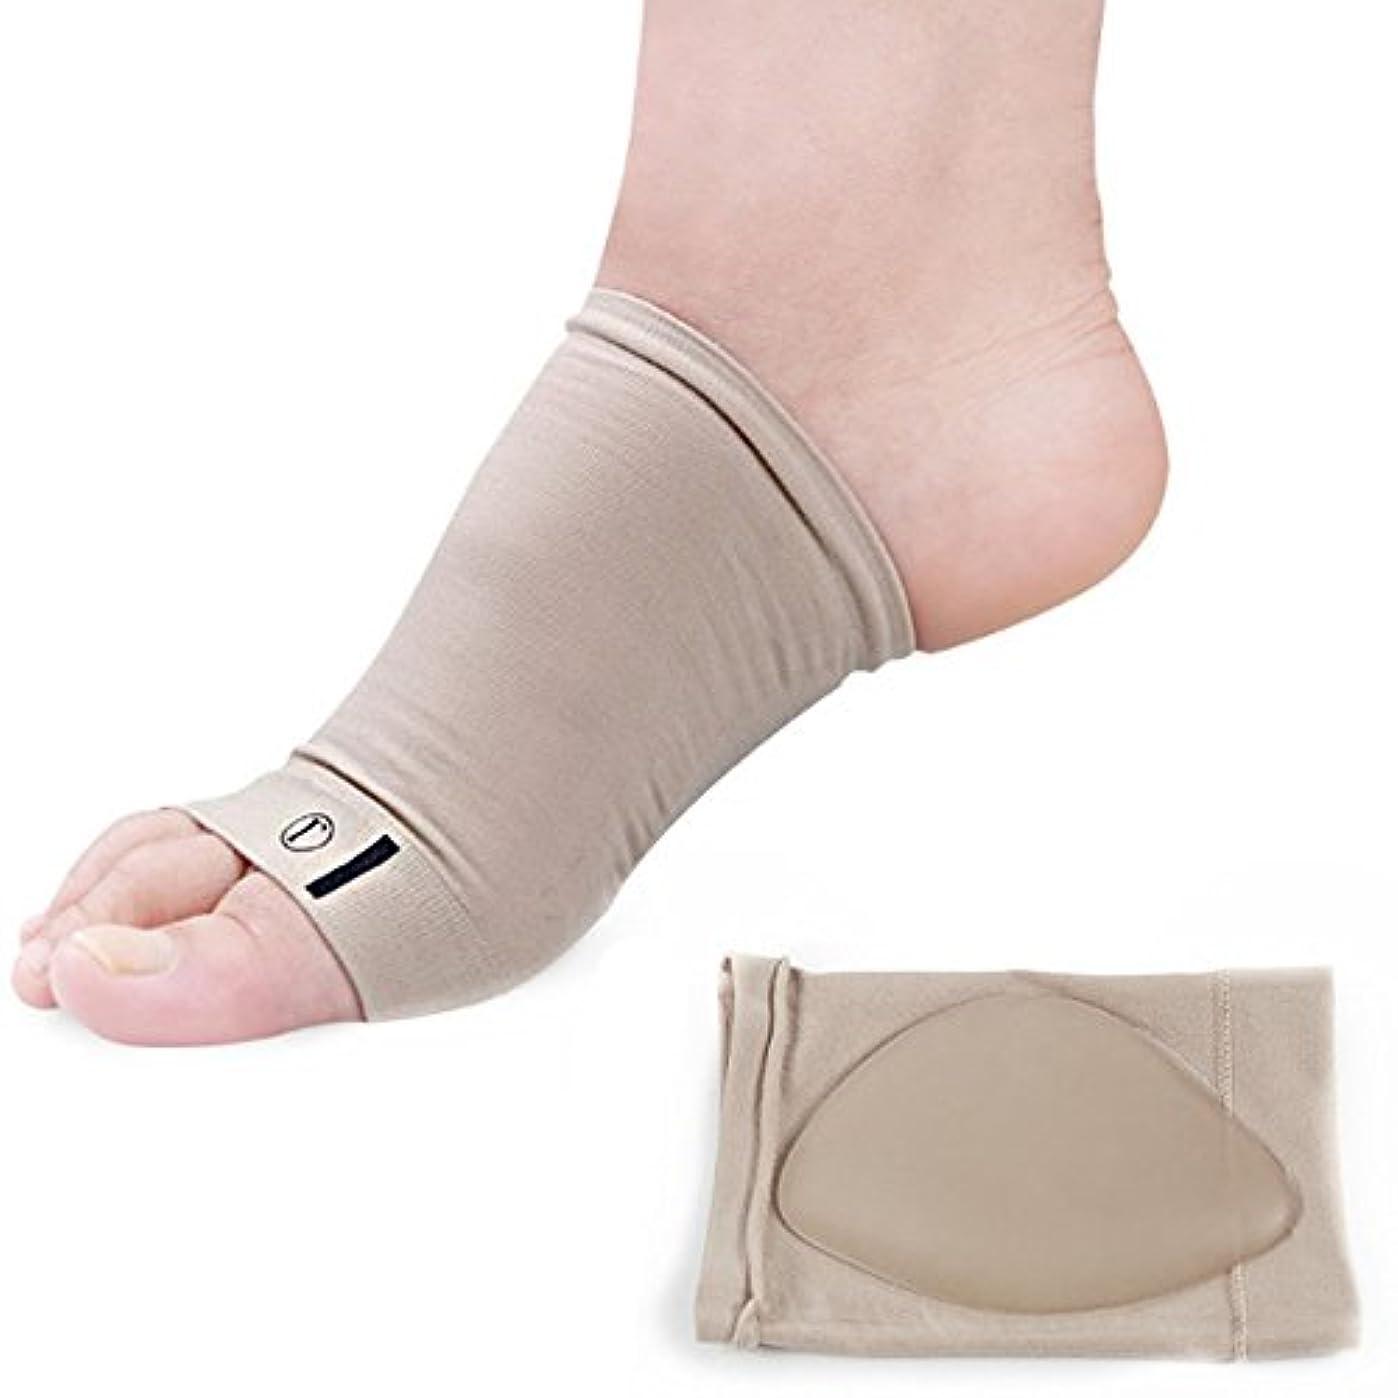 衣類折り目属性山の奥 足底筋膜炎 アーチサポーター 専用 シリコン インソール 衝撃吸収 足裏 足底の痛みを解消 左右セット 解消足裏パッド